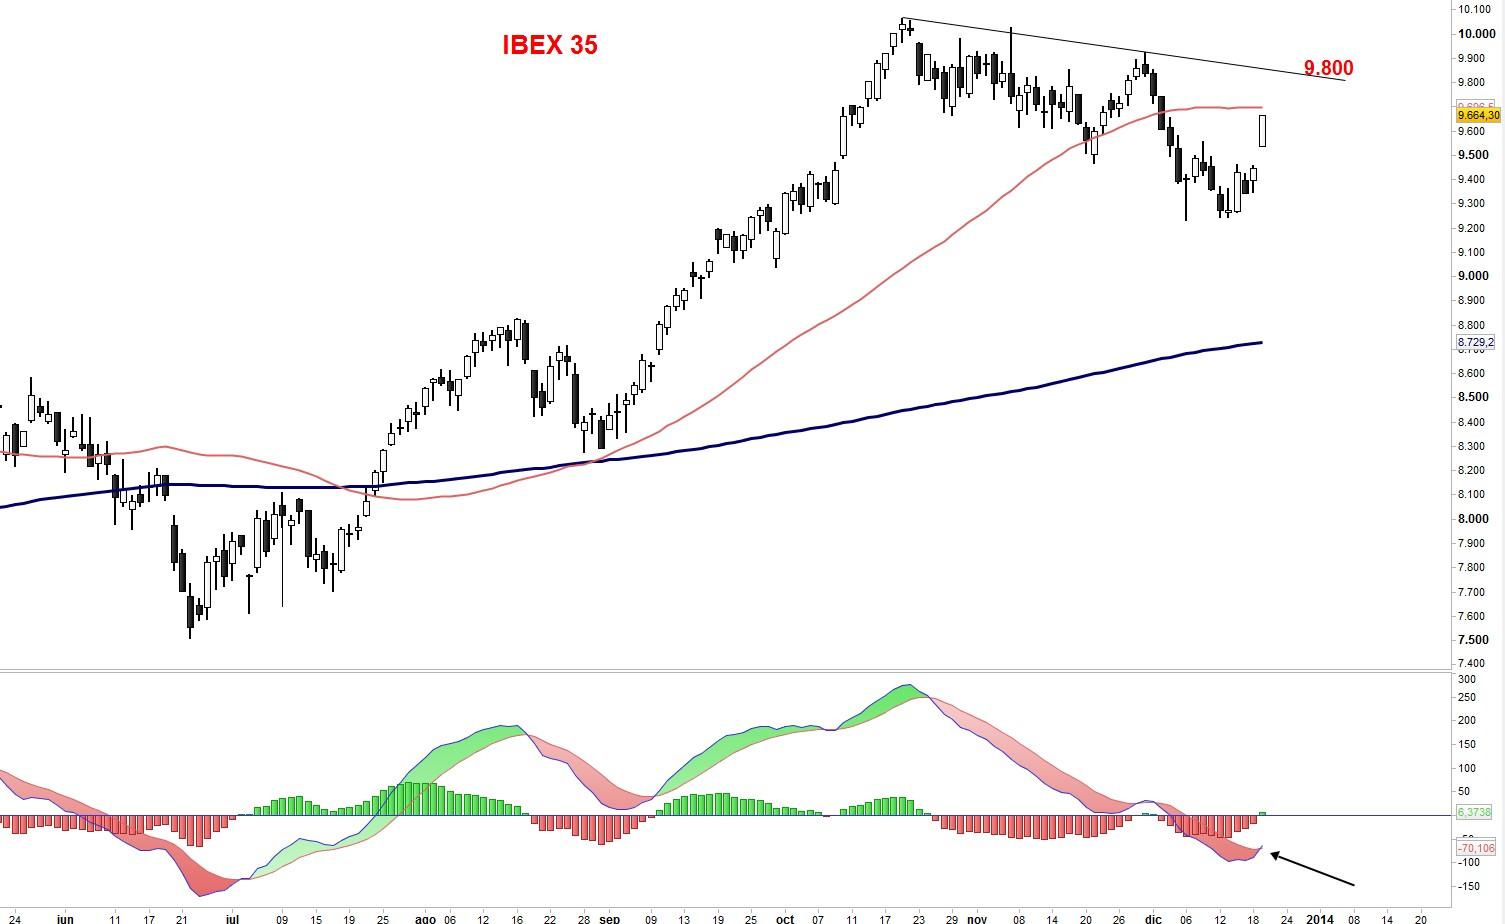 analisis gráfico ibex 35